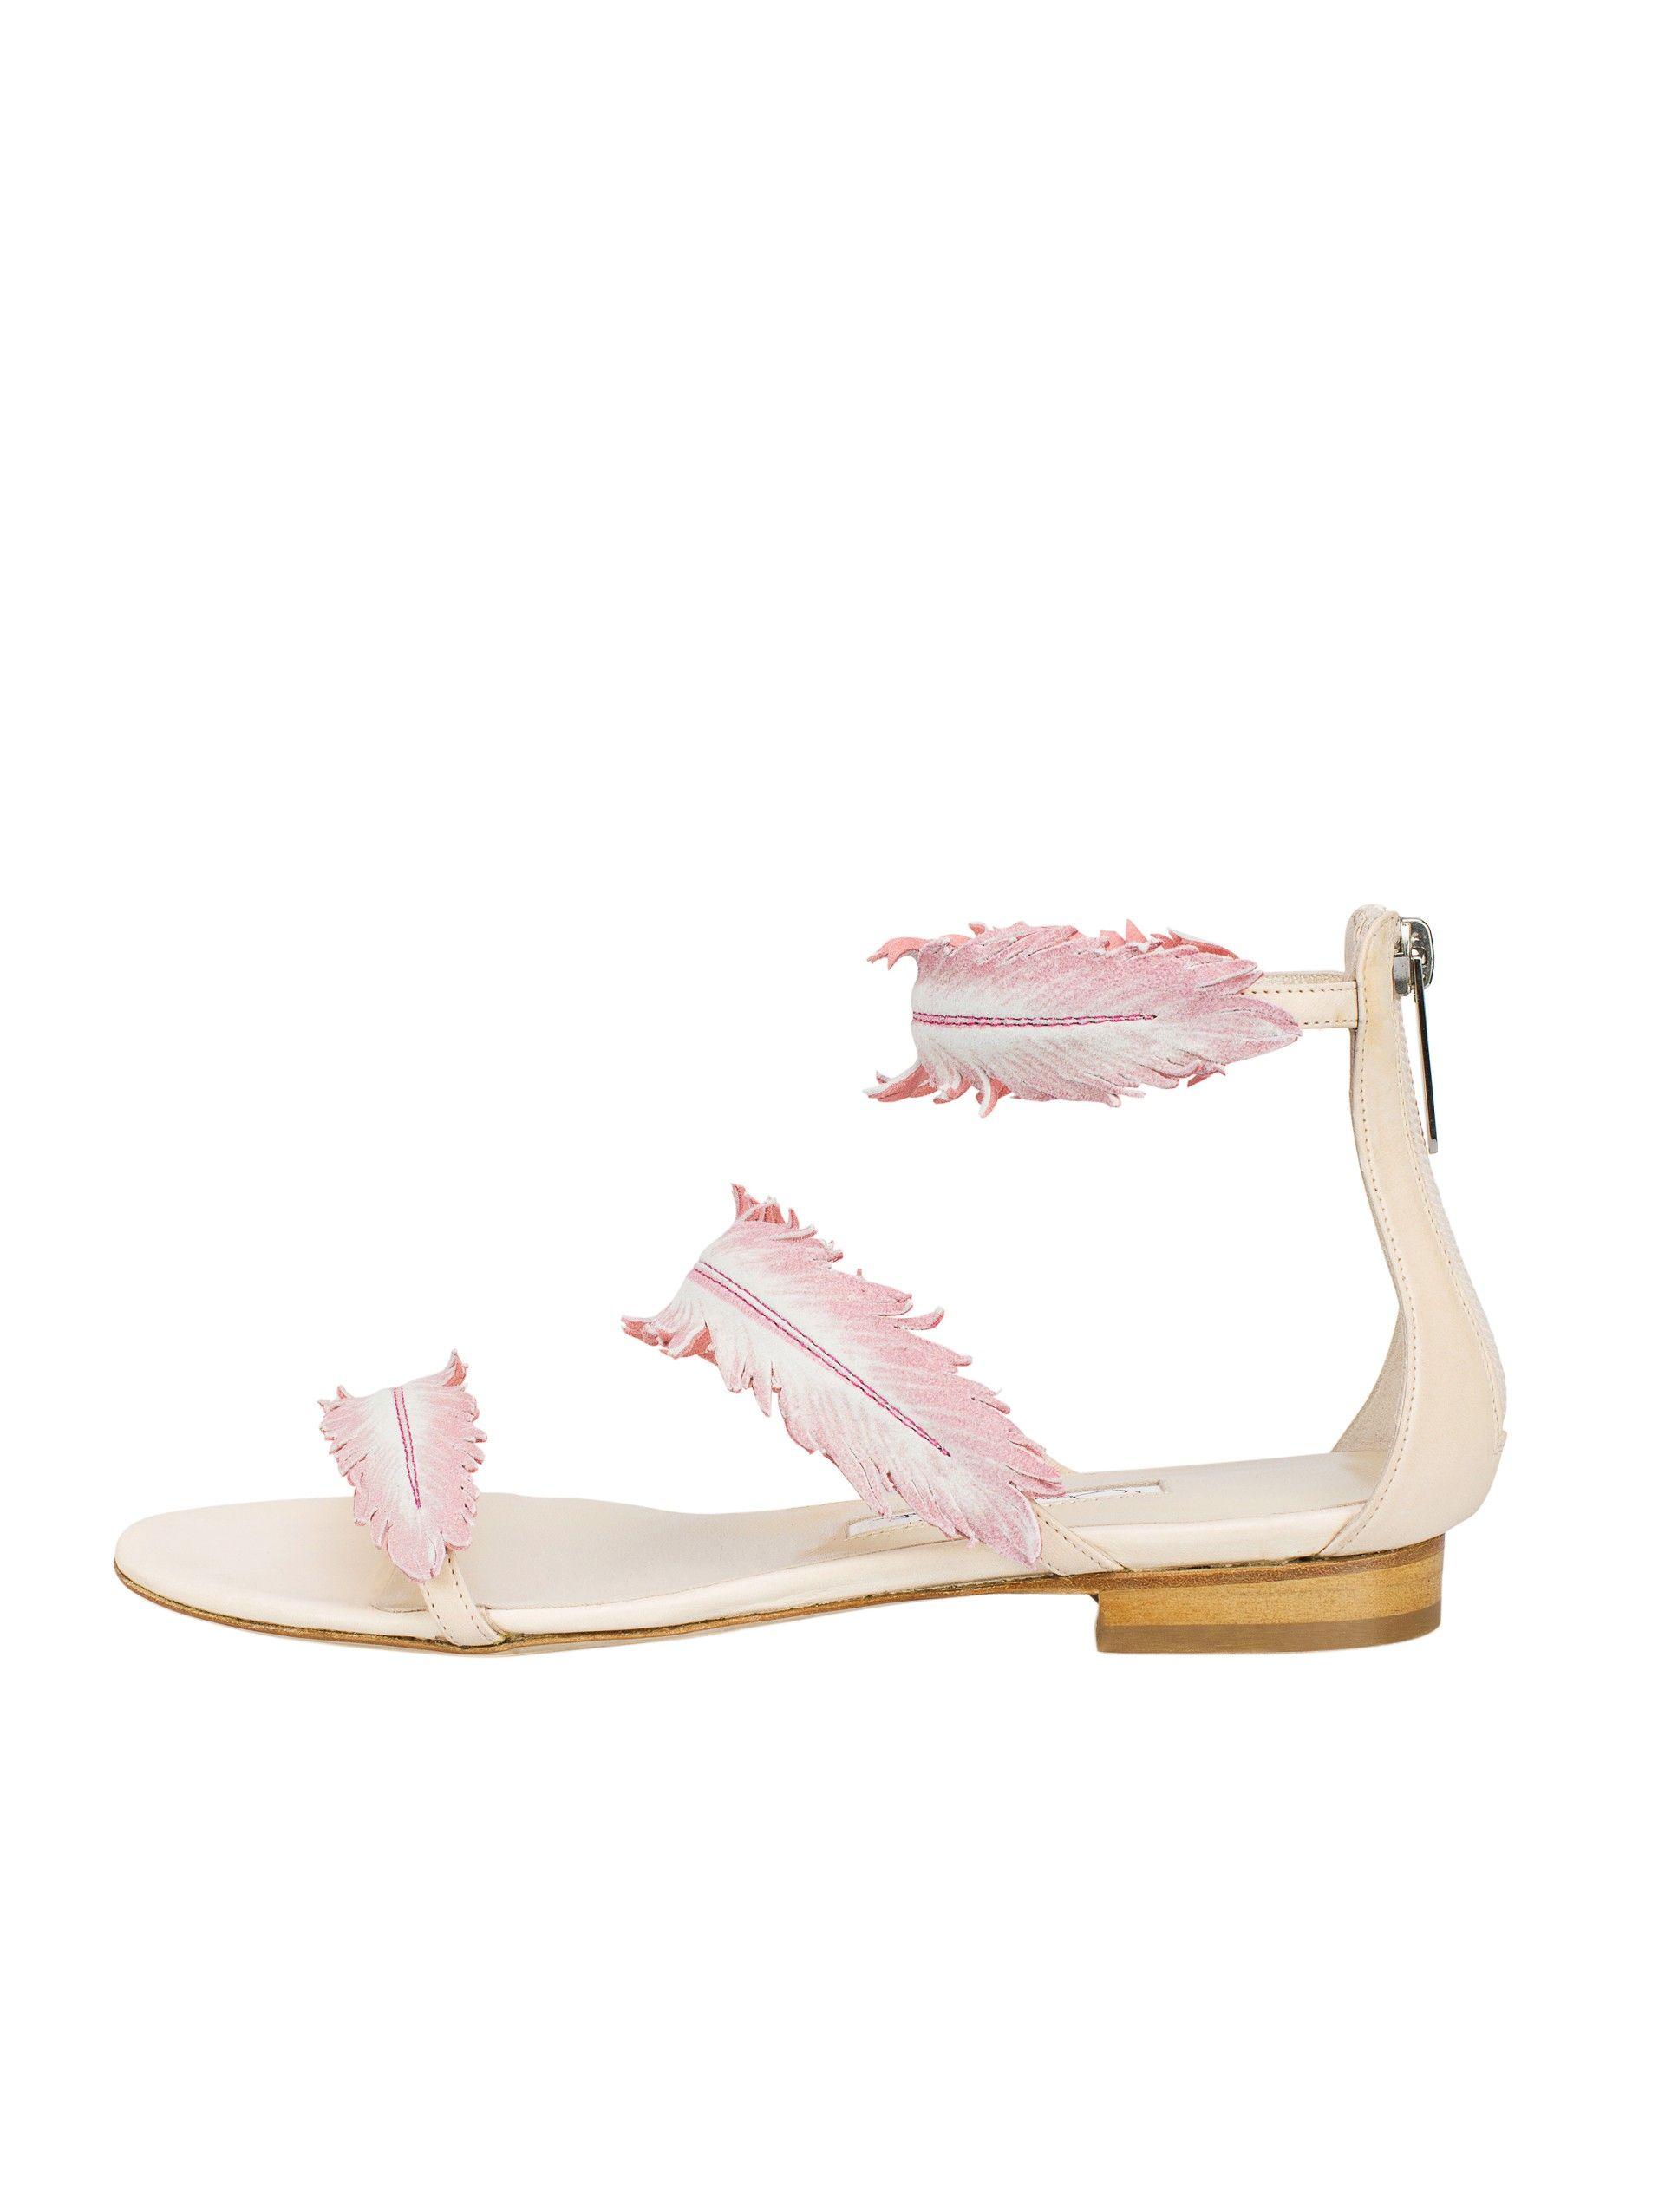 e68855bfaecb8 Oscar de la Renta - Petal Leather Abigail Feather Sandals